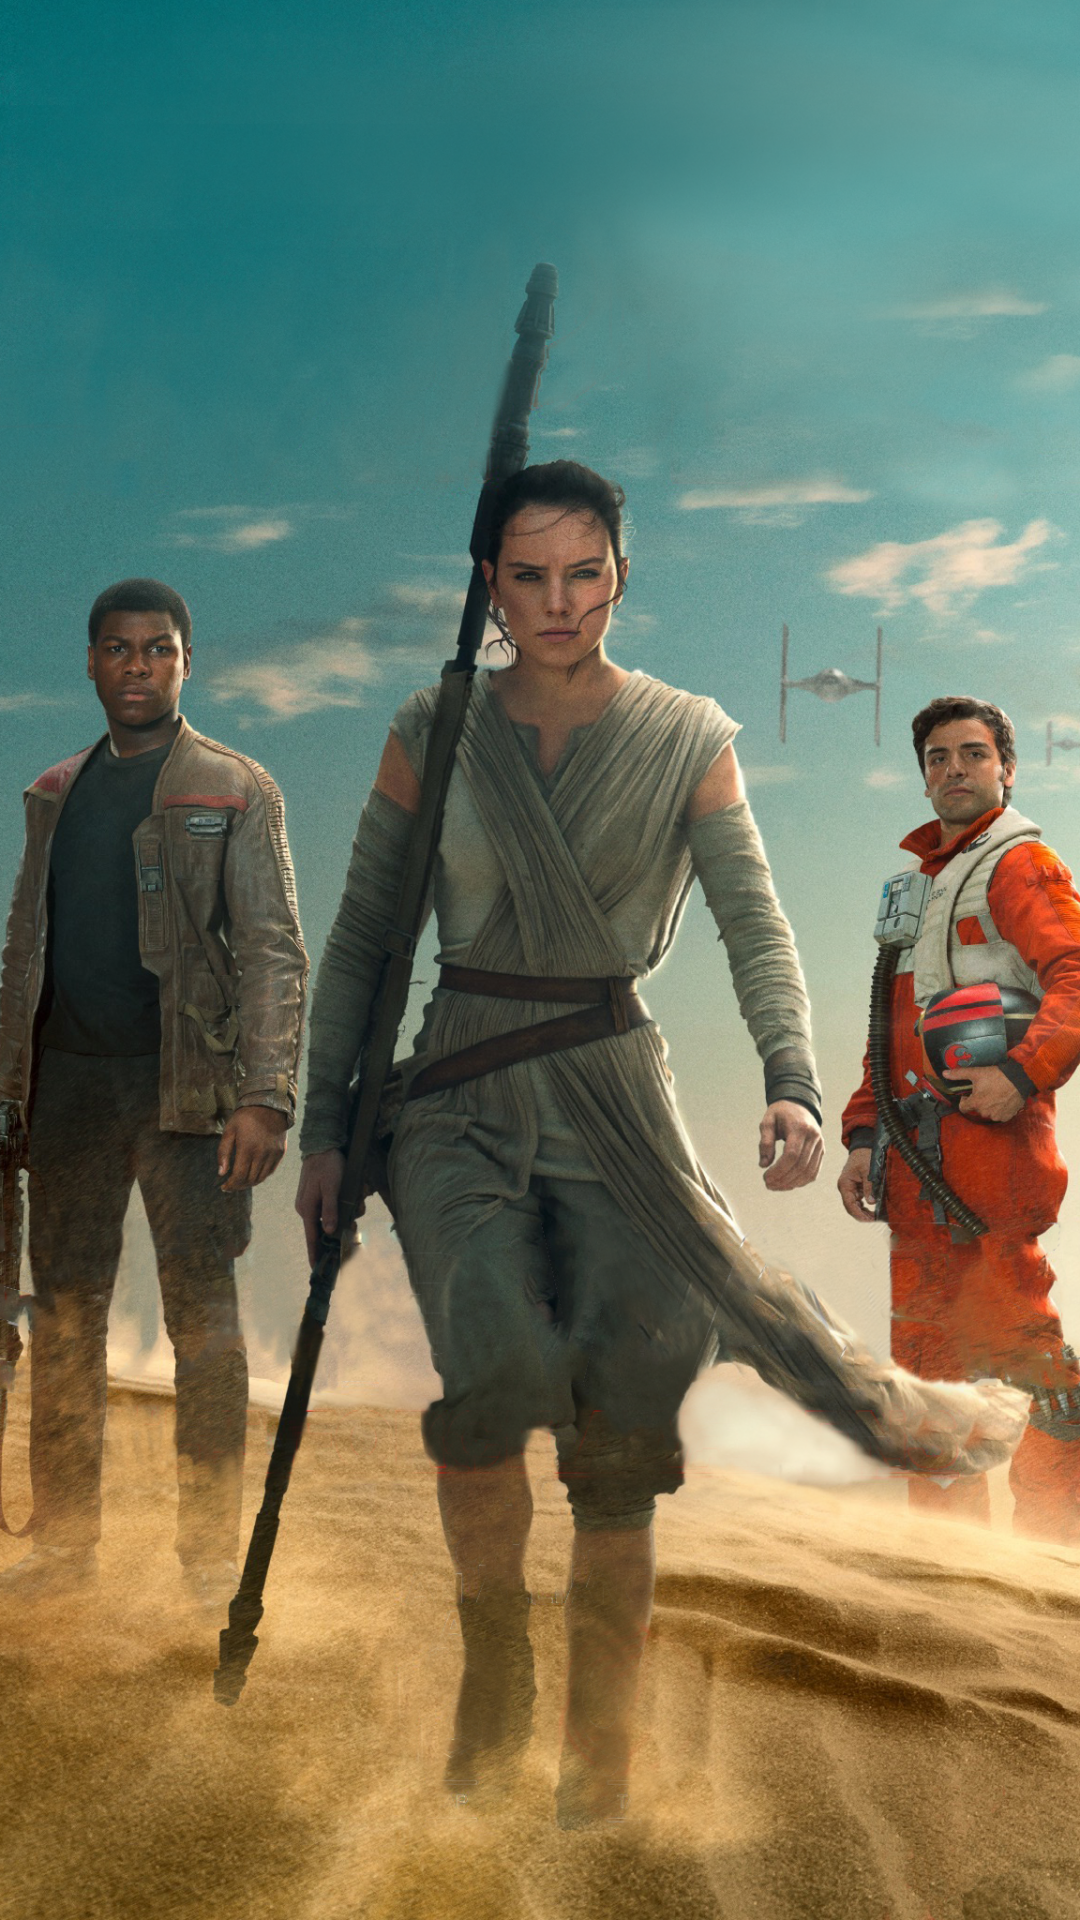 Star Wars The Force Awakens Wallpaper Star Wars Rey Finn Poe 2926982 Hd Wallpaper Backgrounds Download